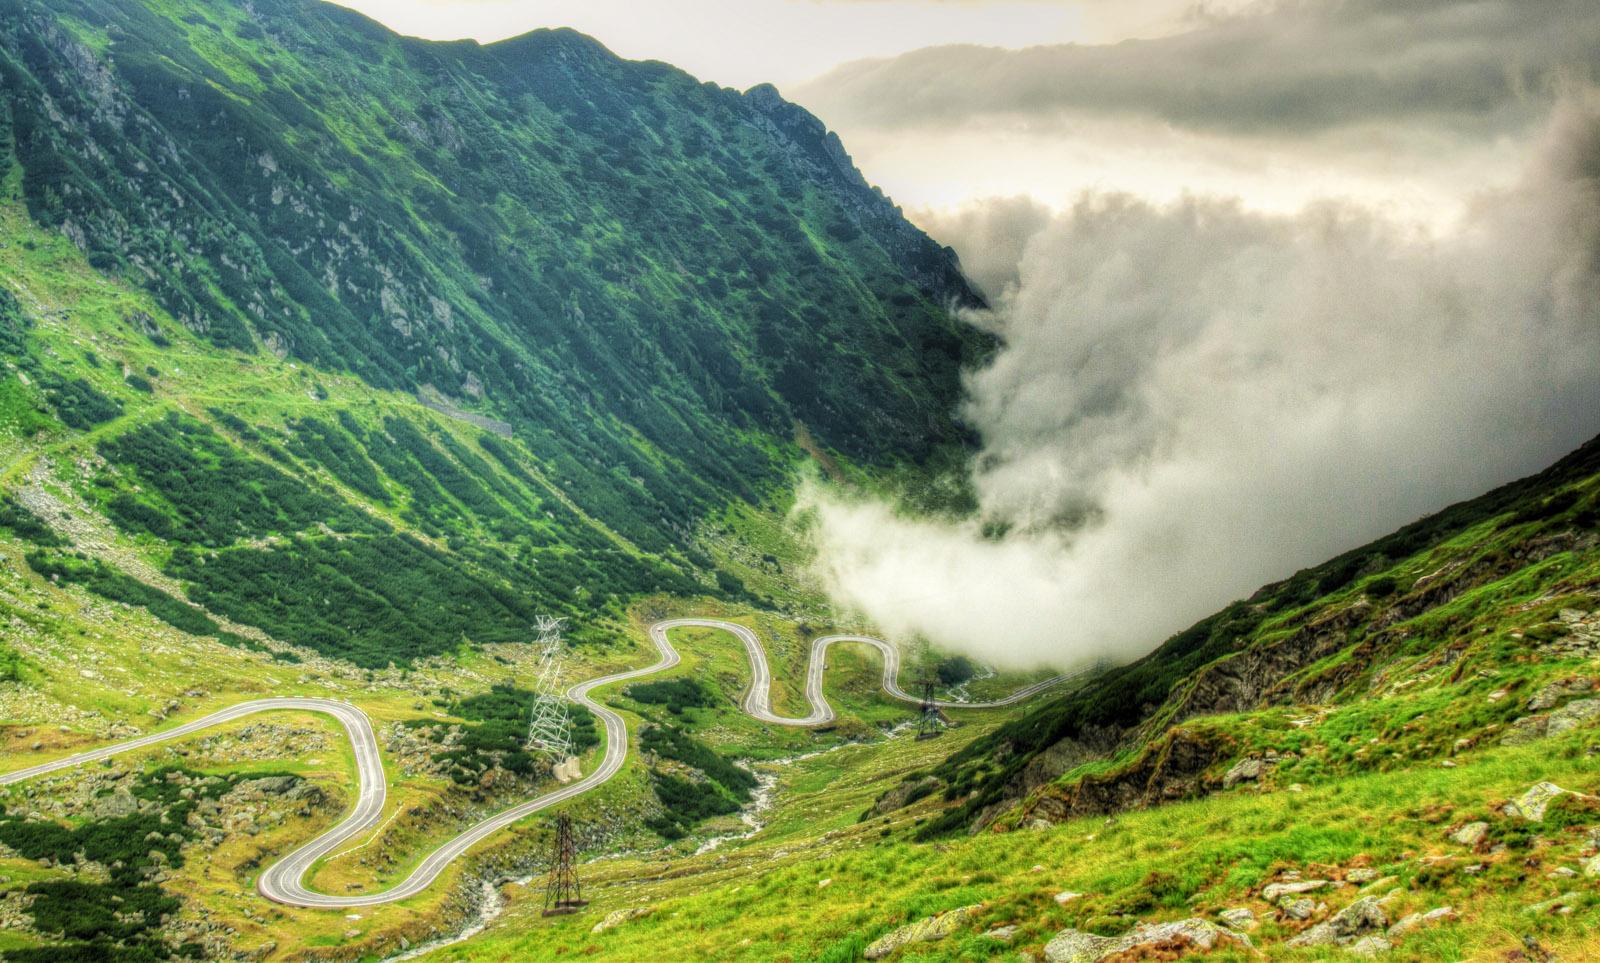 Şoseaua Transfăgărăşan, calea de acces spre Bâlea